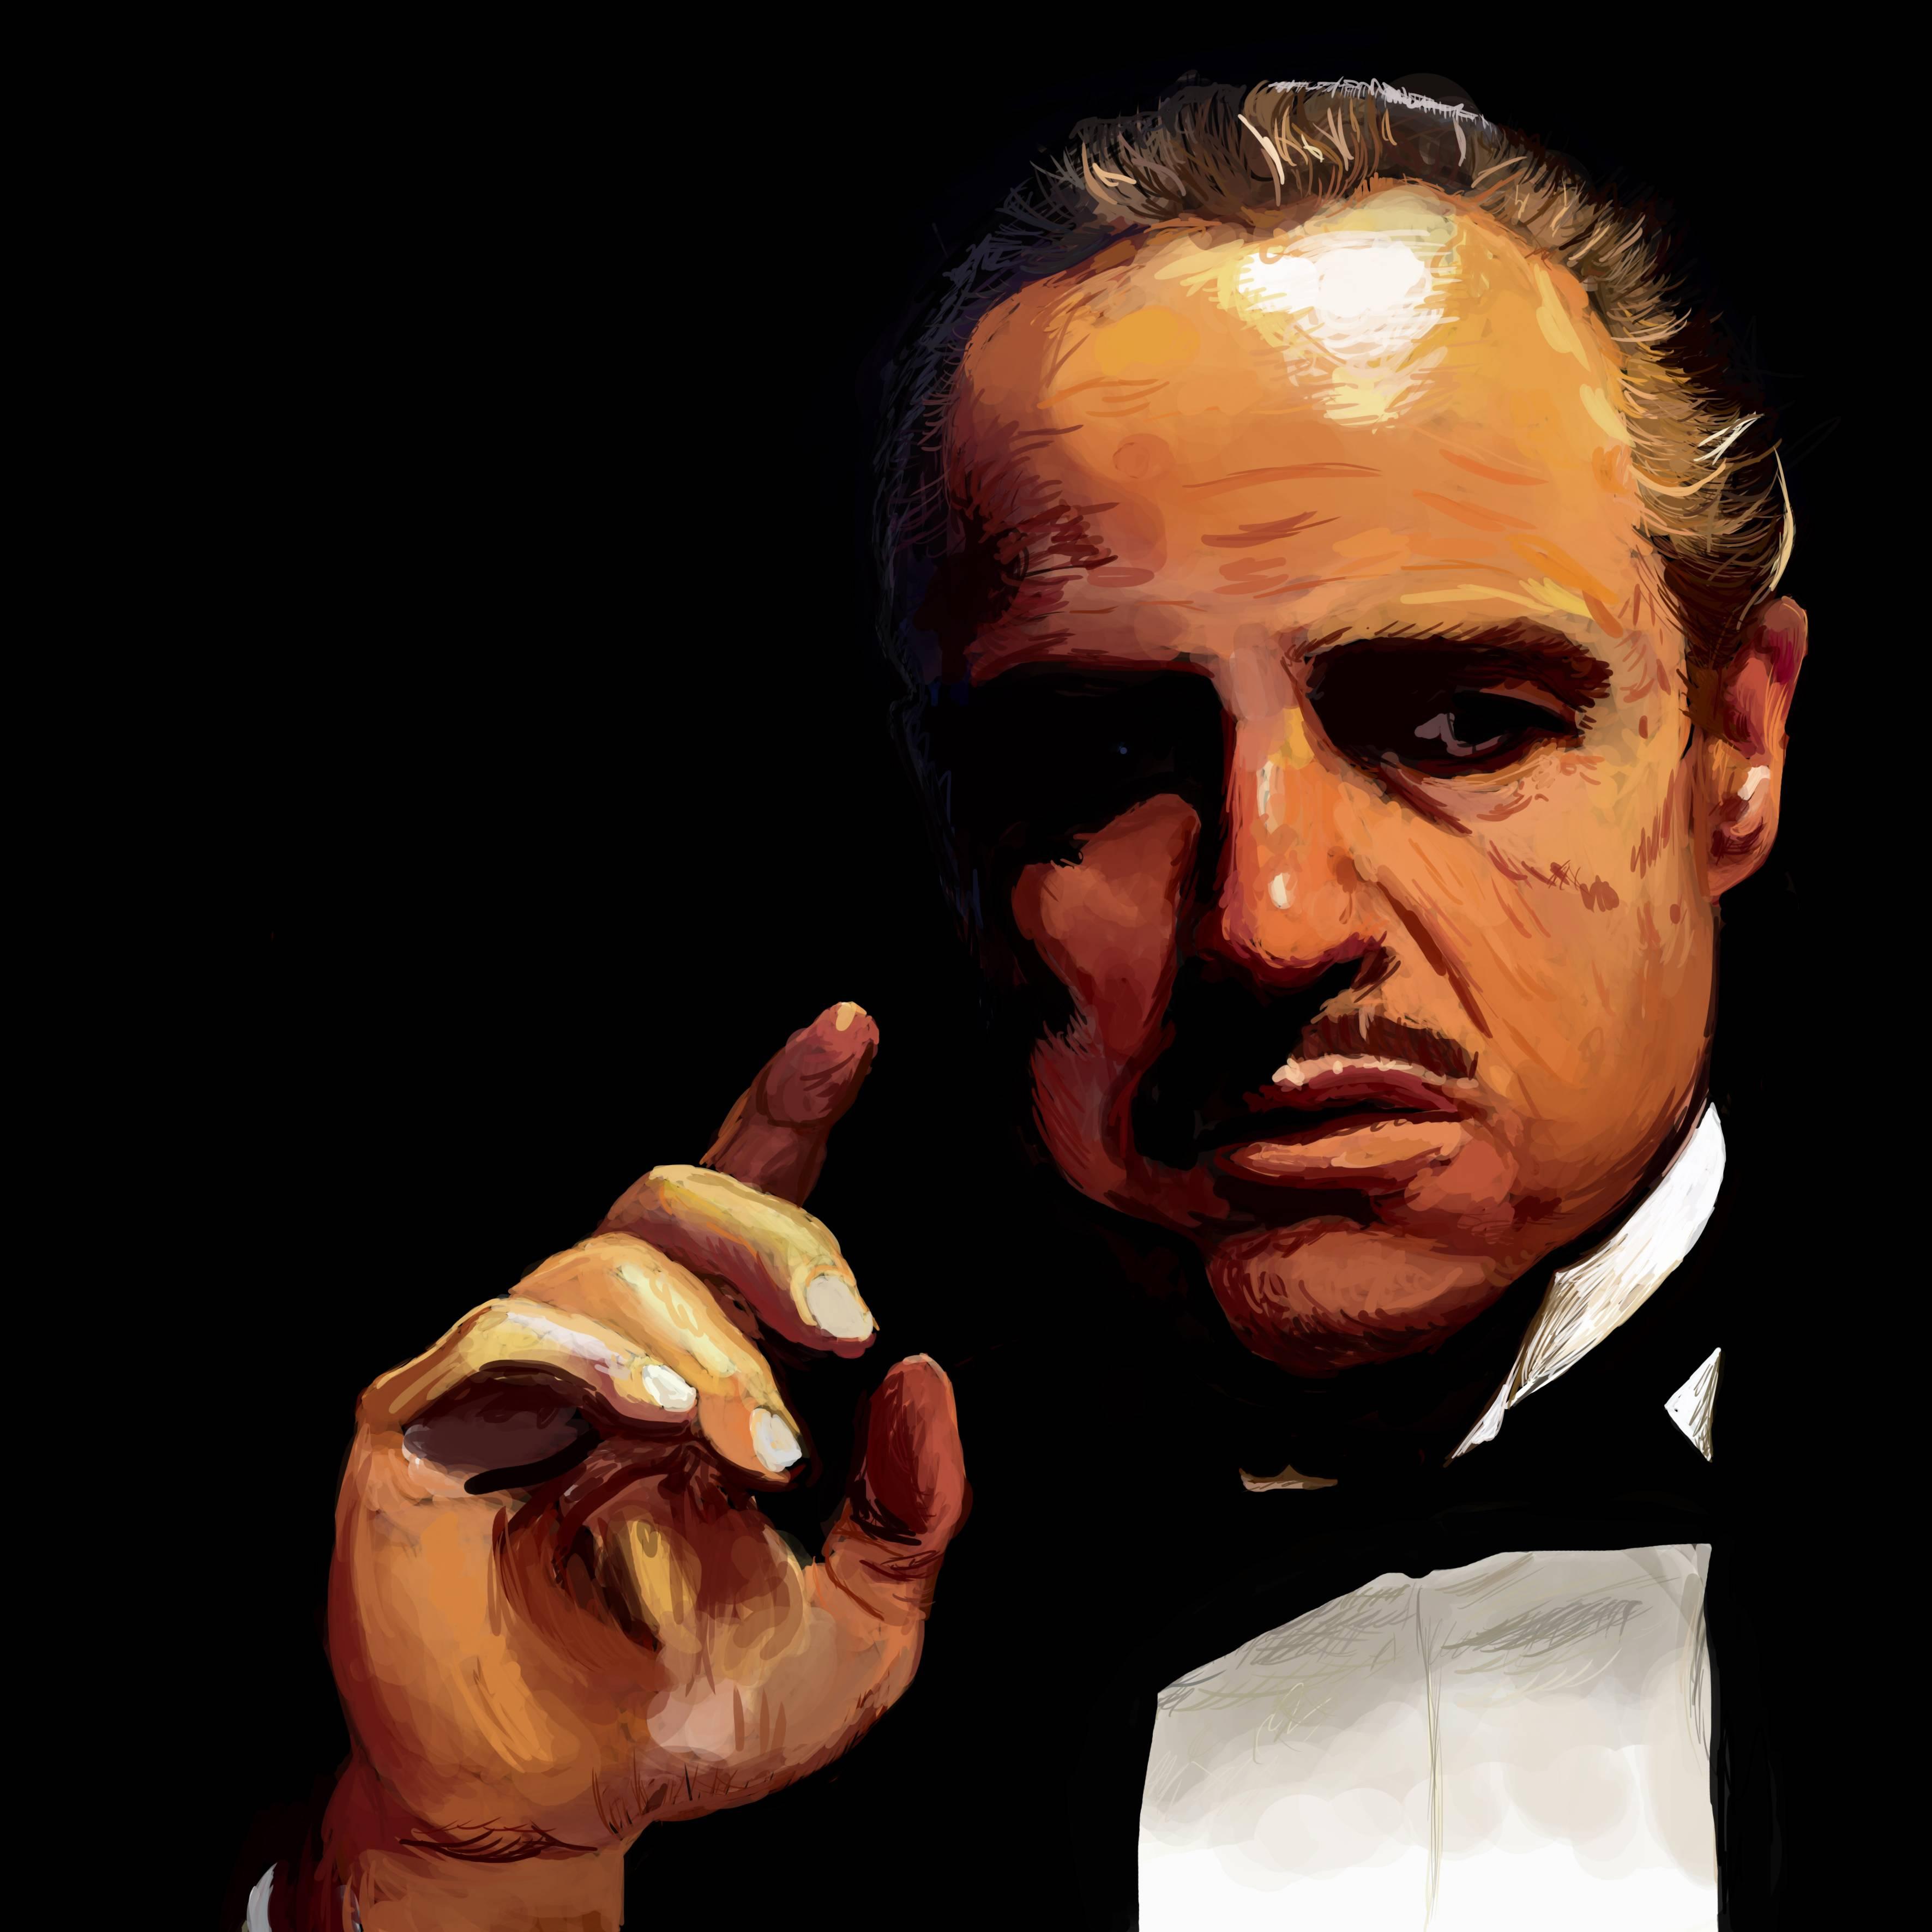 Vito Corleone Wallpapers 3543x3543